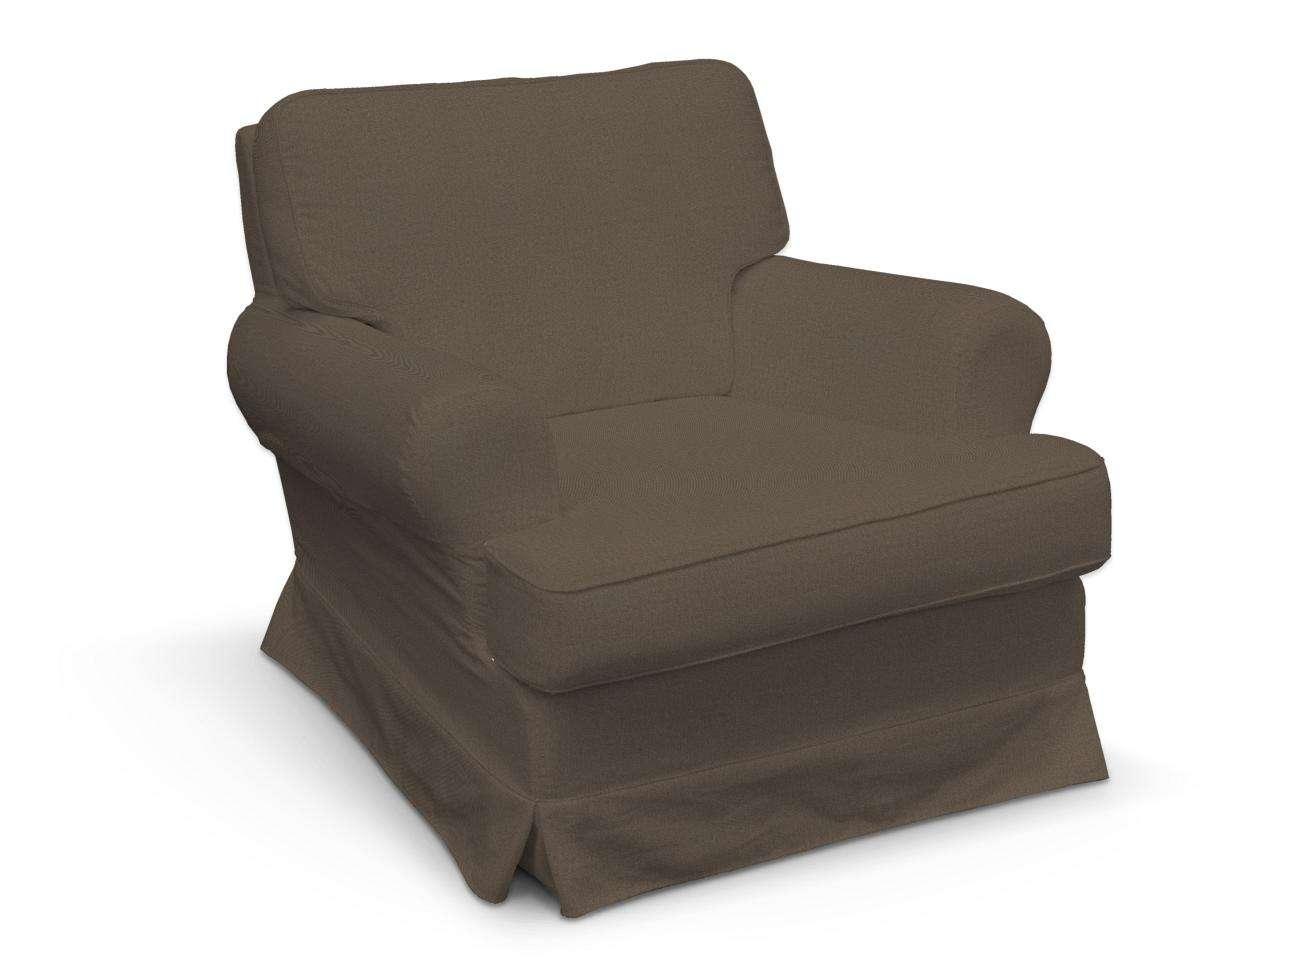 Barkaby fotelio užvalkalas Barkaby fotelio užvalkalas kolekcijoje Etna , audinys: 705-08